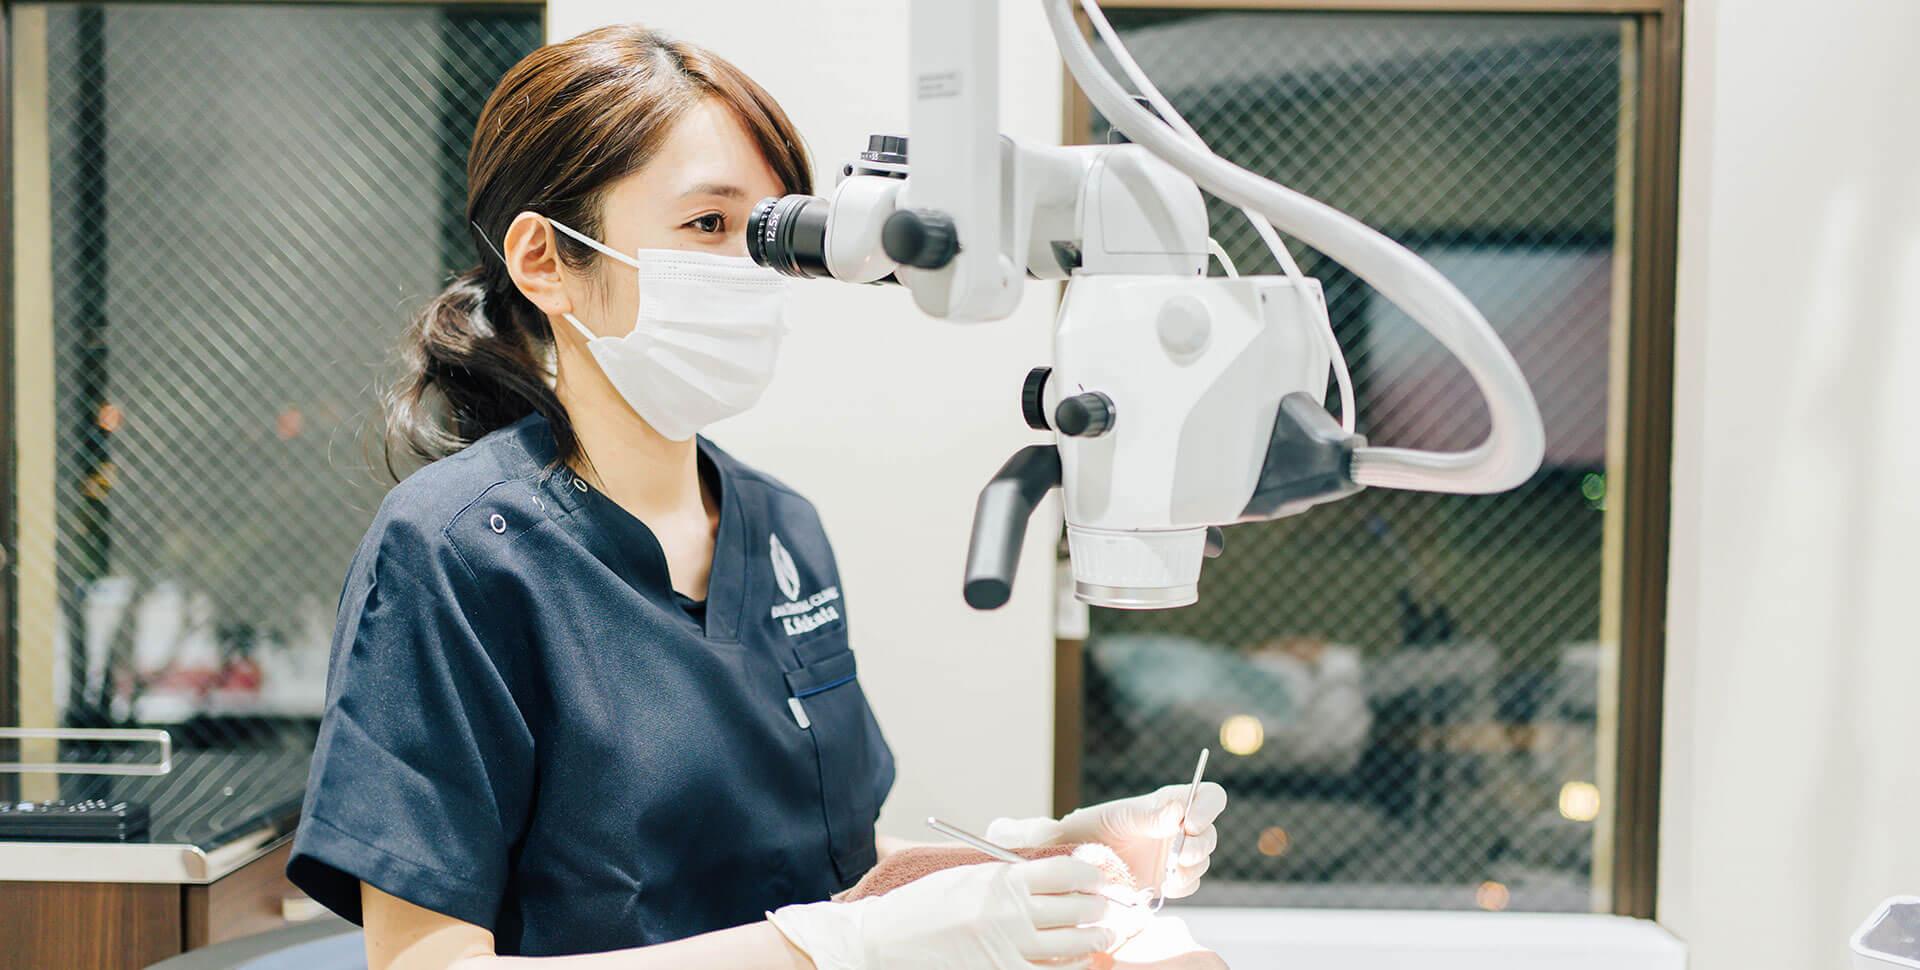 歯科用マイクロスコープを使用して診療する歯科医師